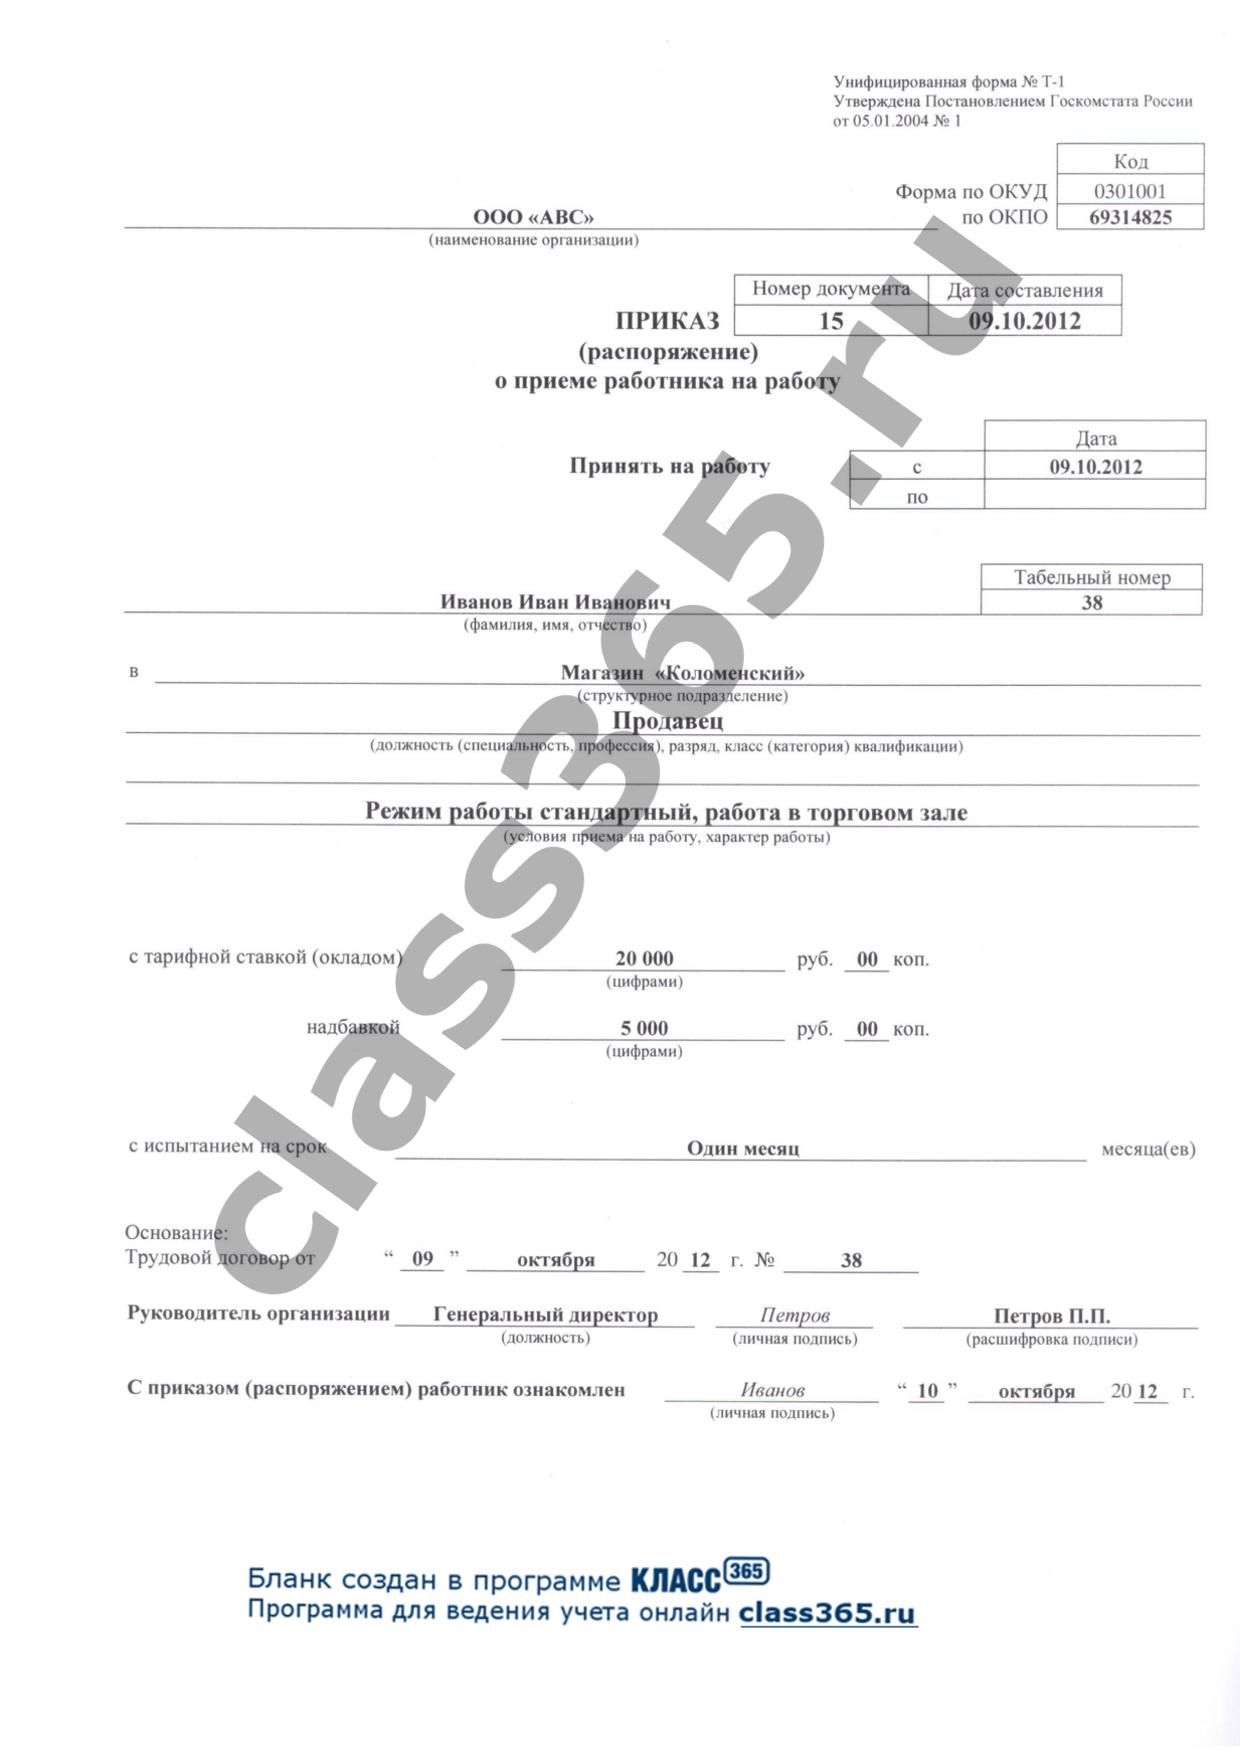 Акт об отказе в подписи в приказе